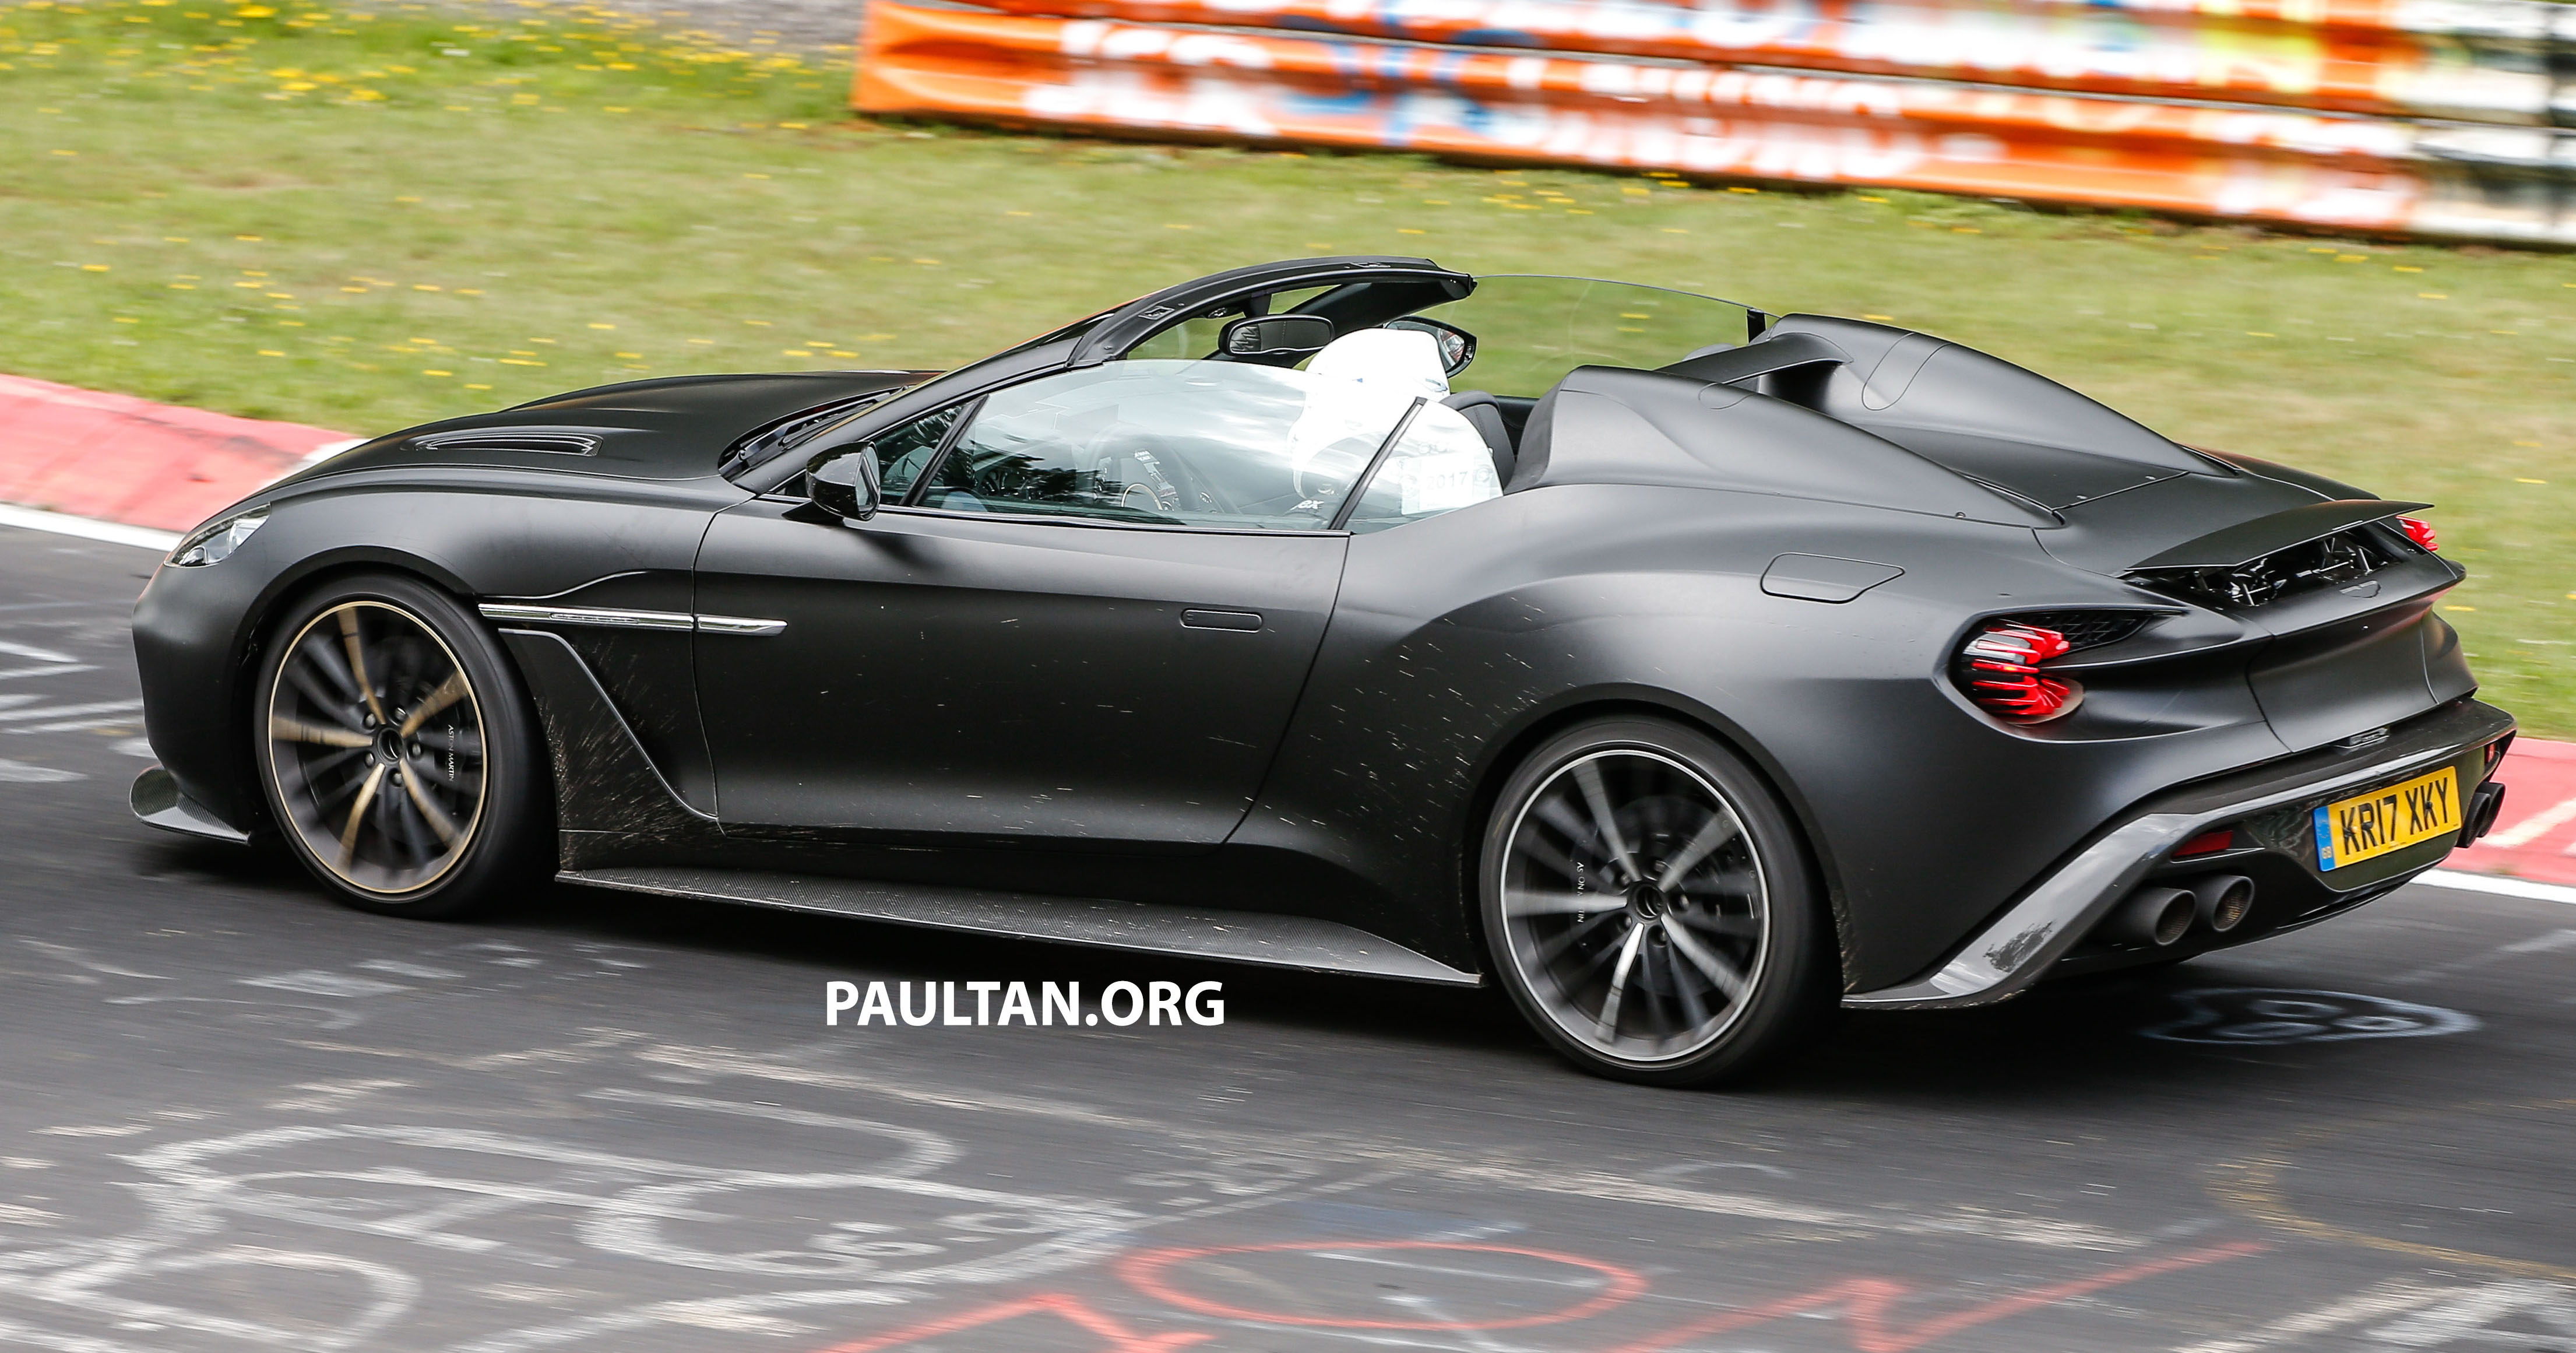 Spied Aston Martin Vanquish Zagato Volante And Vanquish Zagato